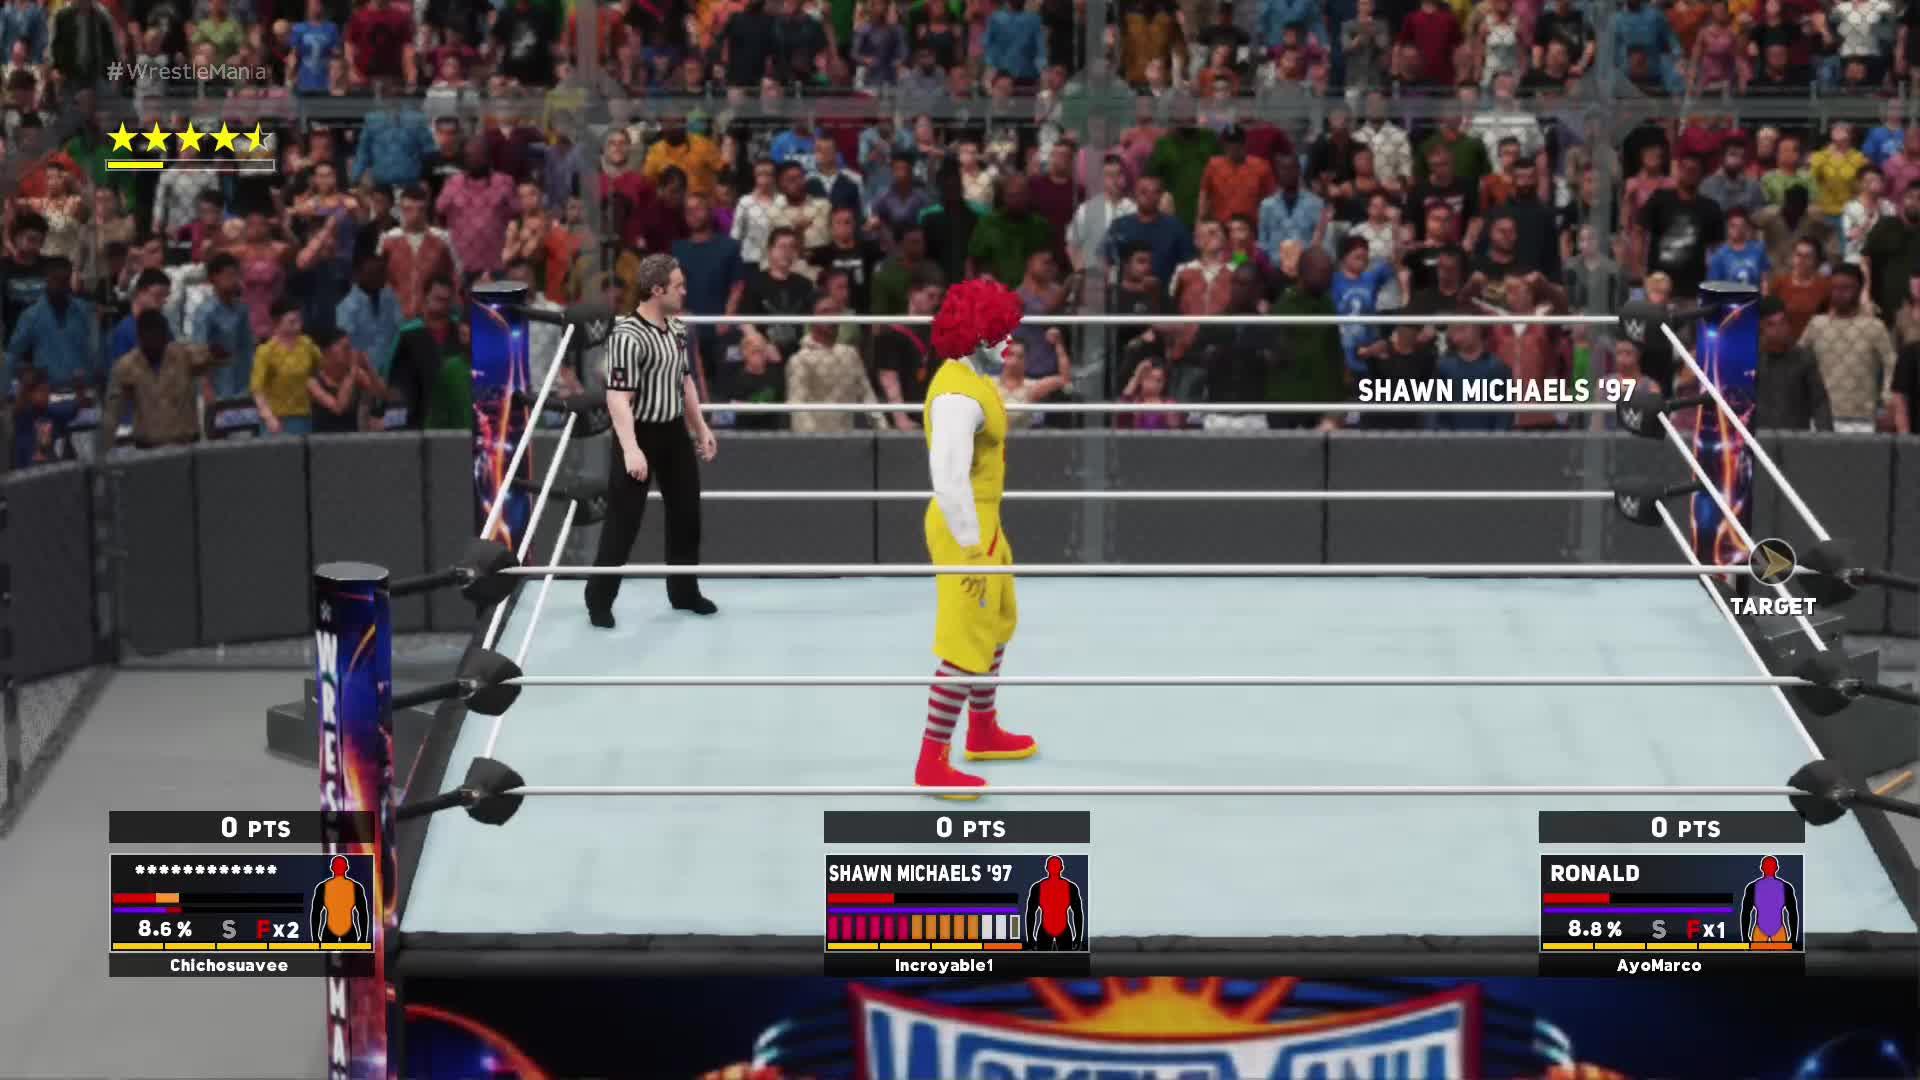 AyoMarco, WWE2K18, xbox, xbox dvr, xbox one, Rockstar GIFs